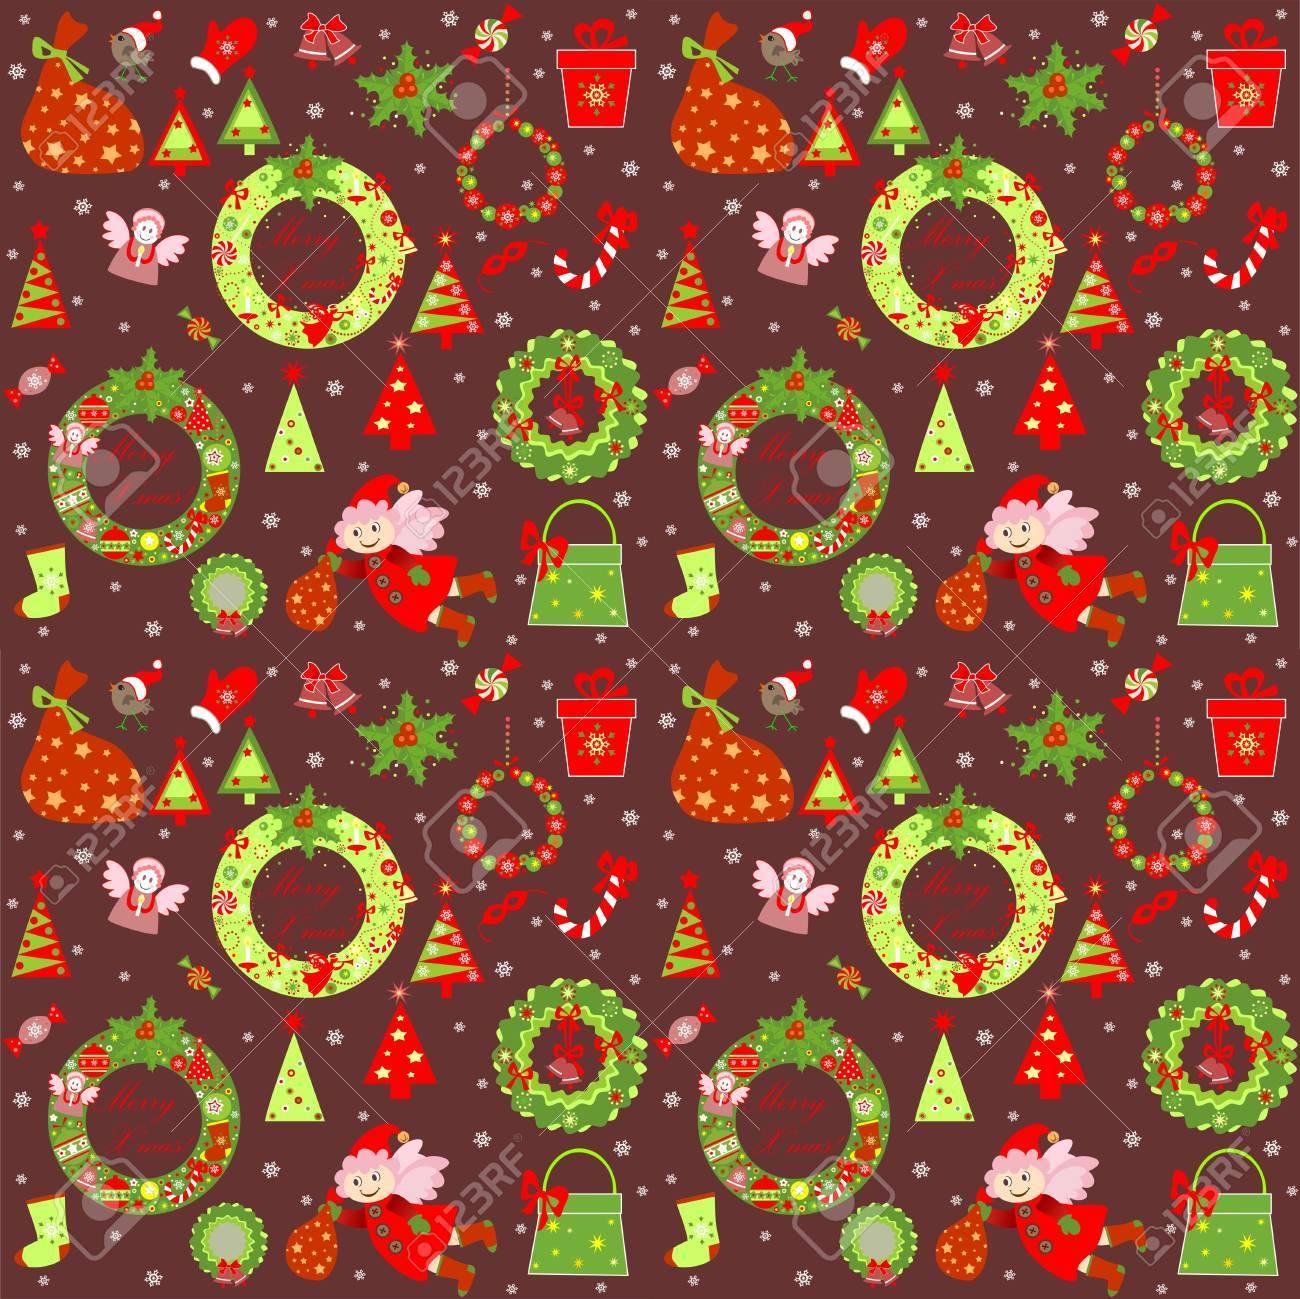 クリスマス レトロな壁紙のイラスト素材 ベクタ Image 34033200